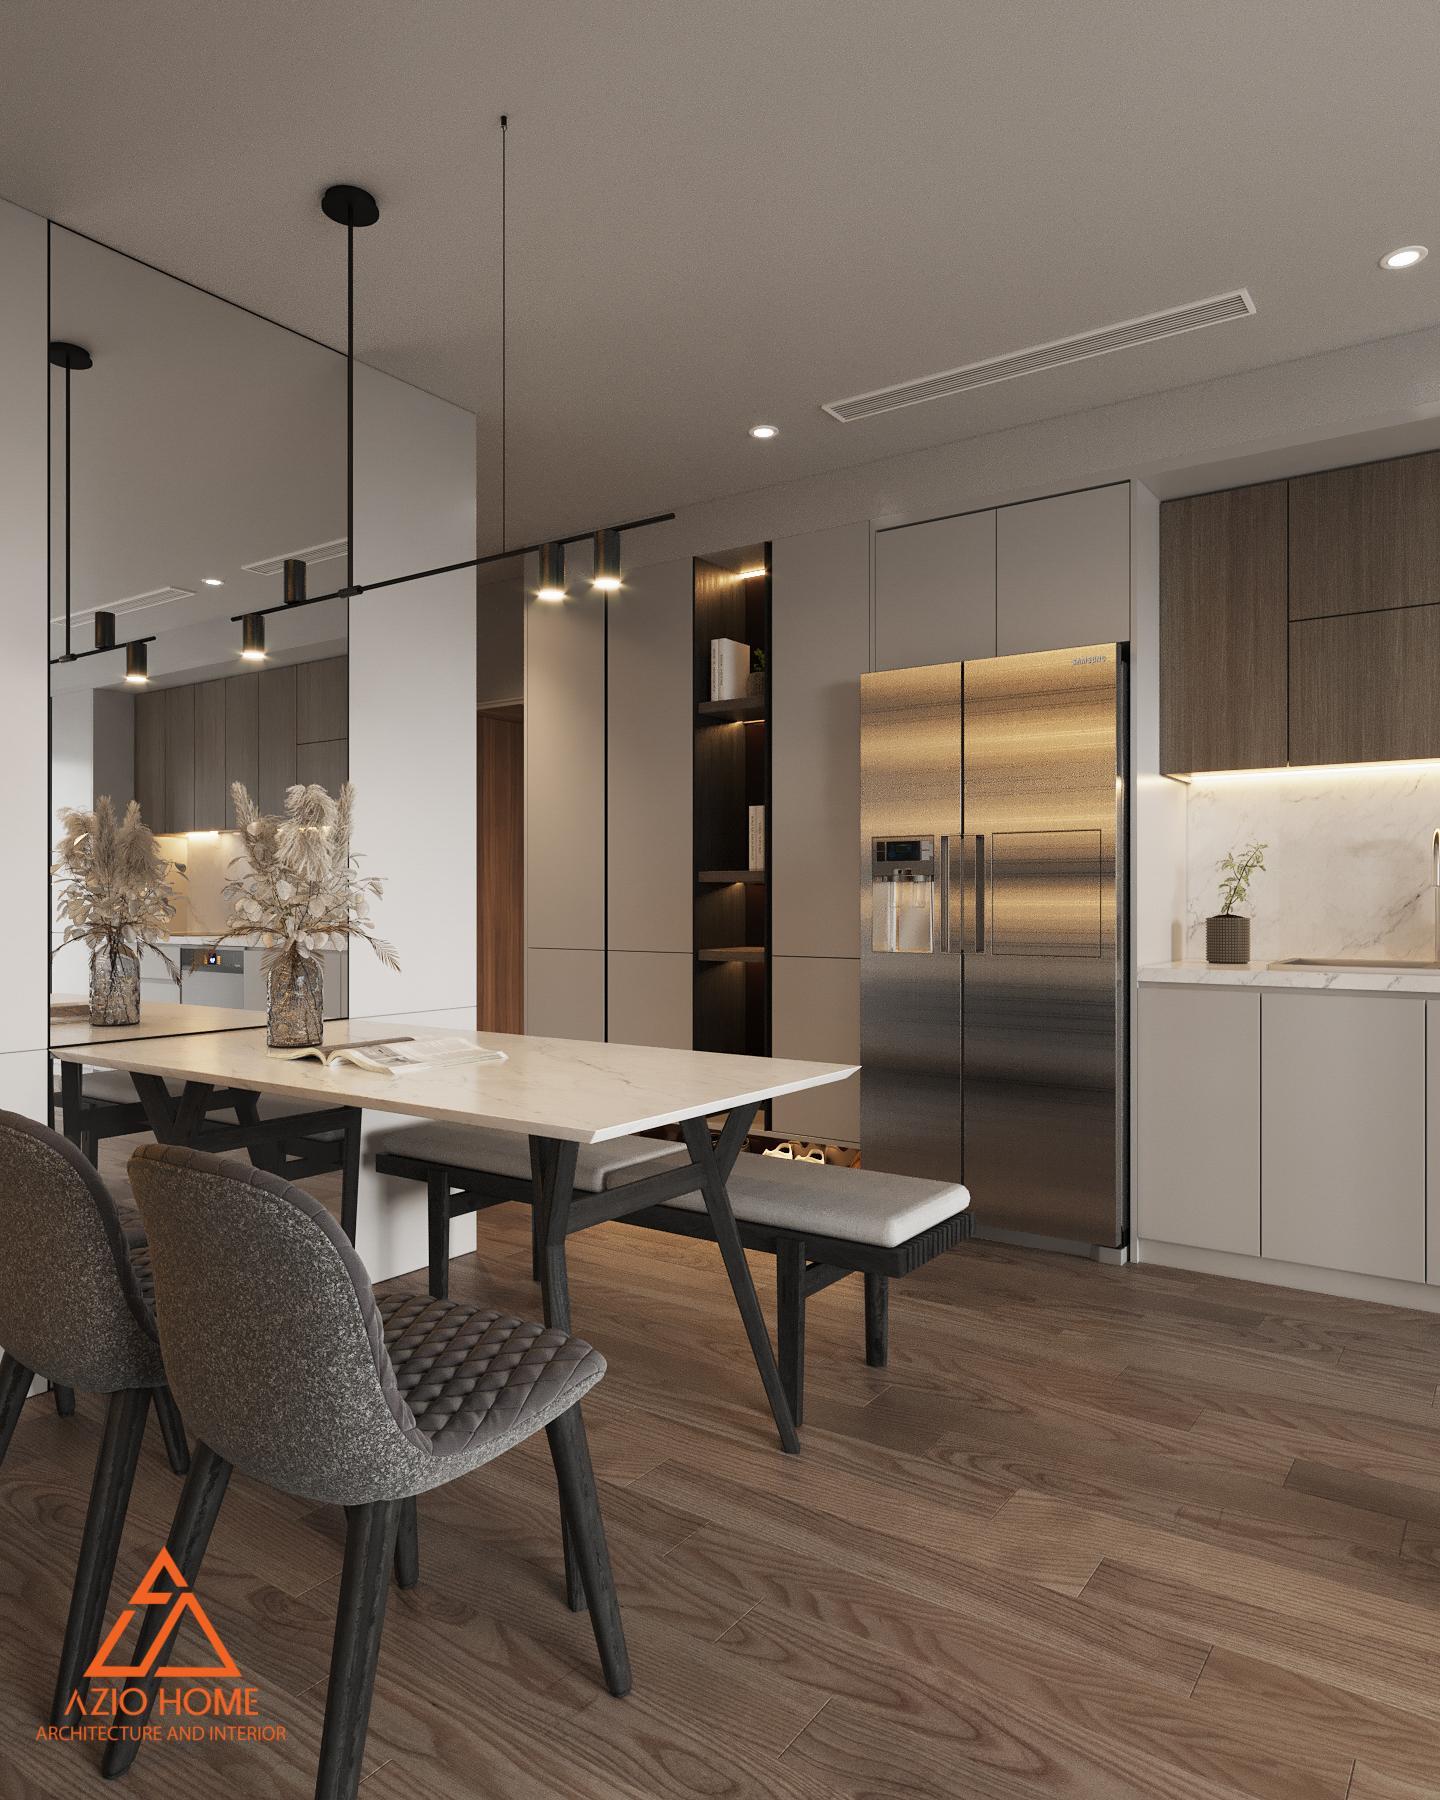 Phòng bếp thiết kế theo tổng thể hài hòa